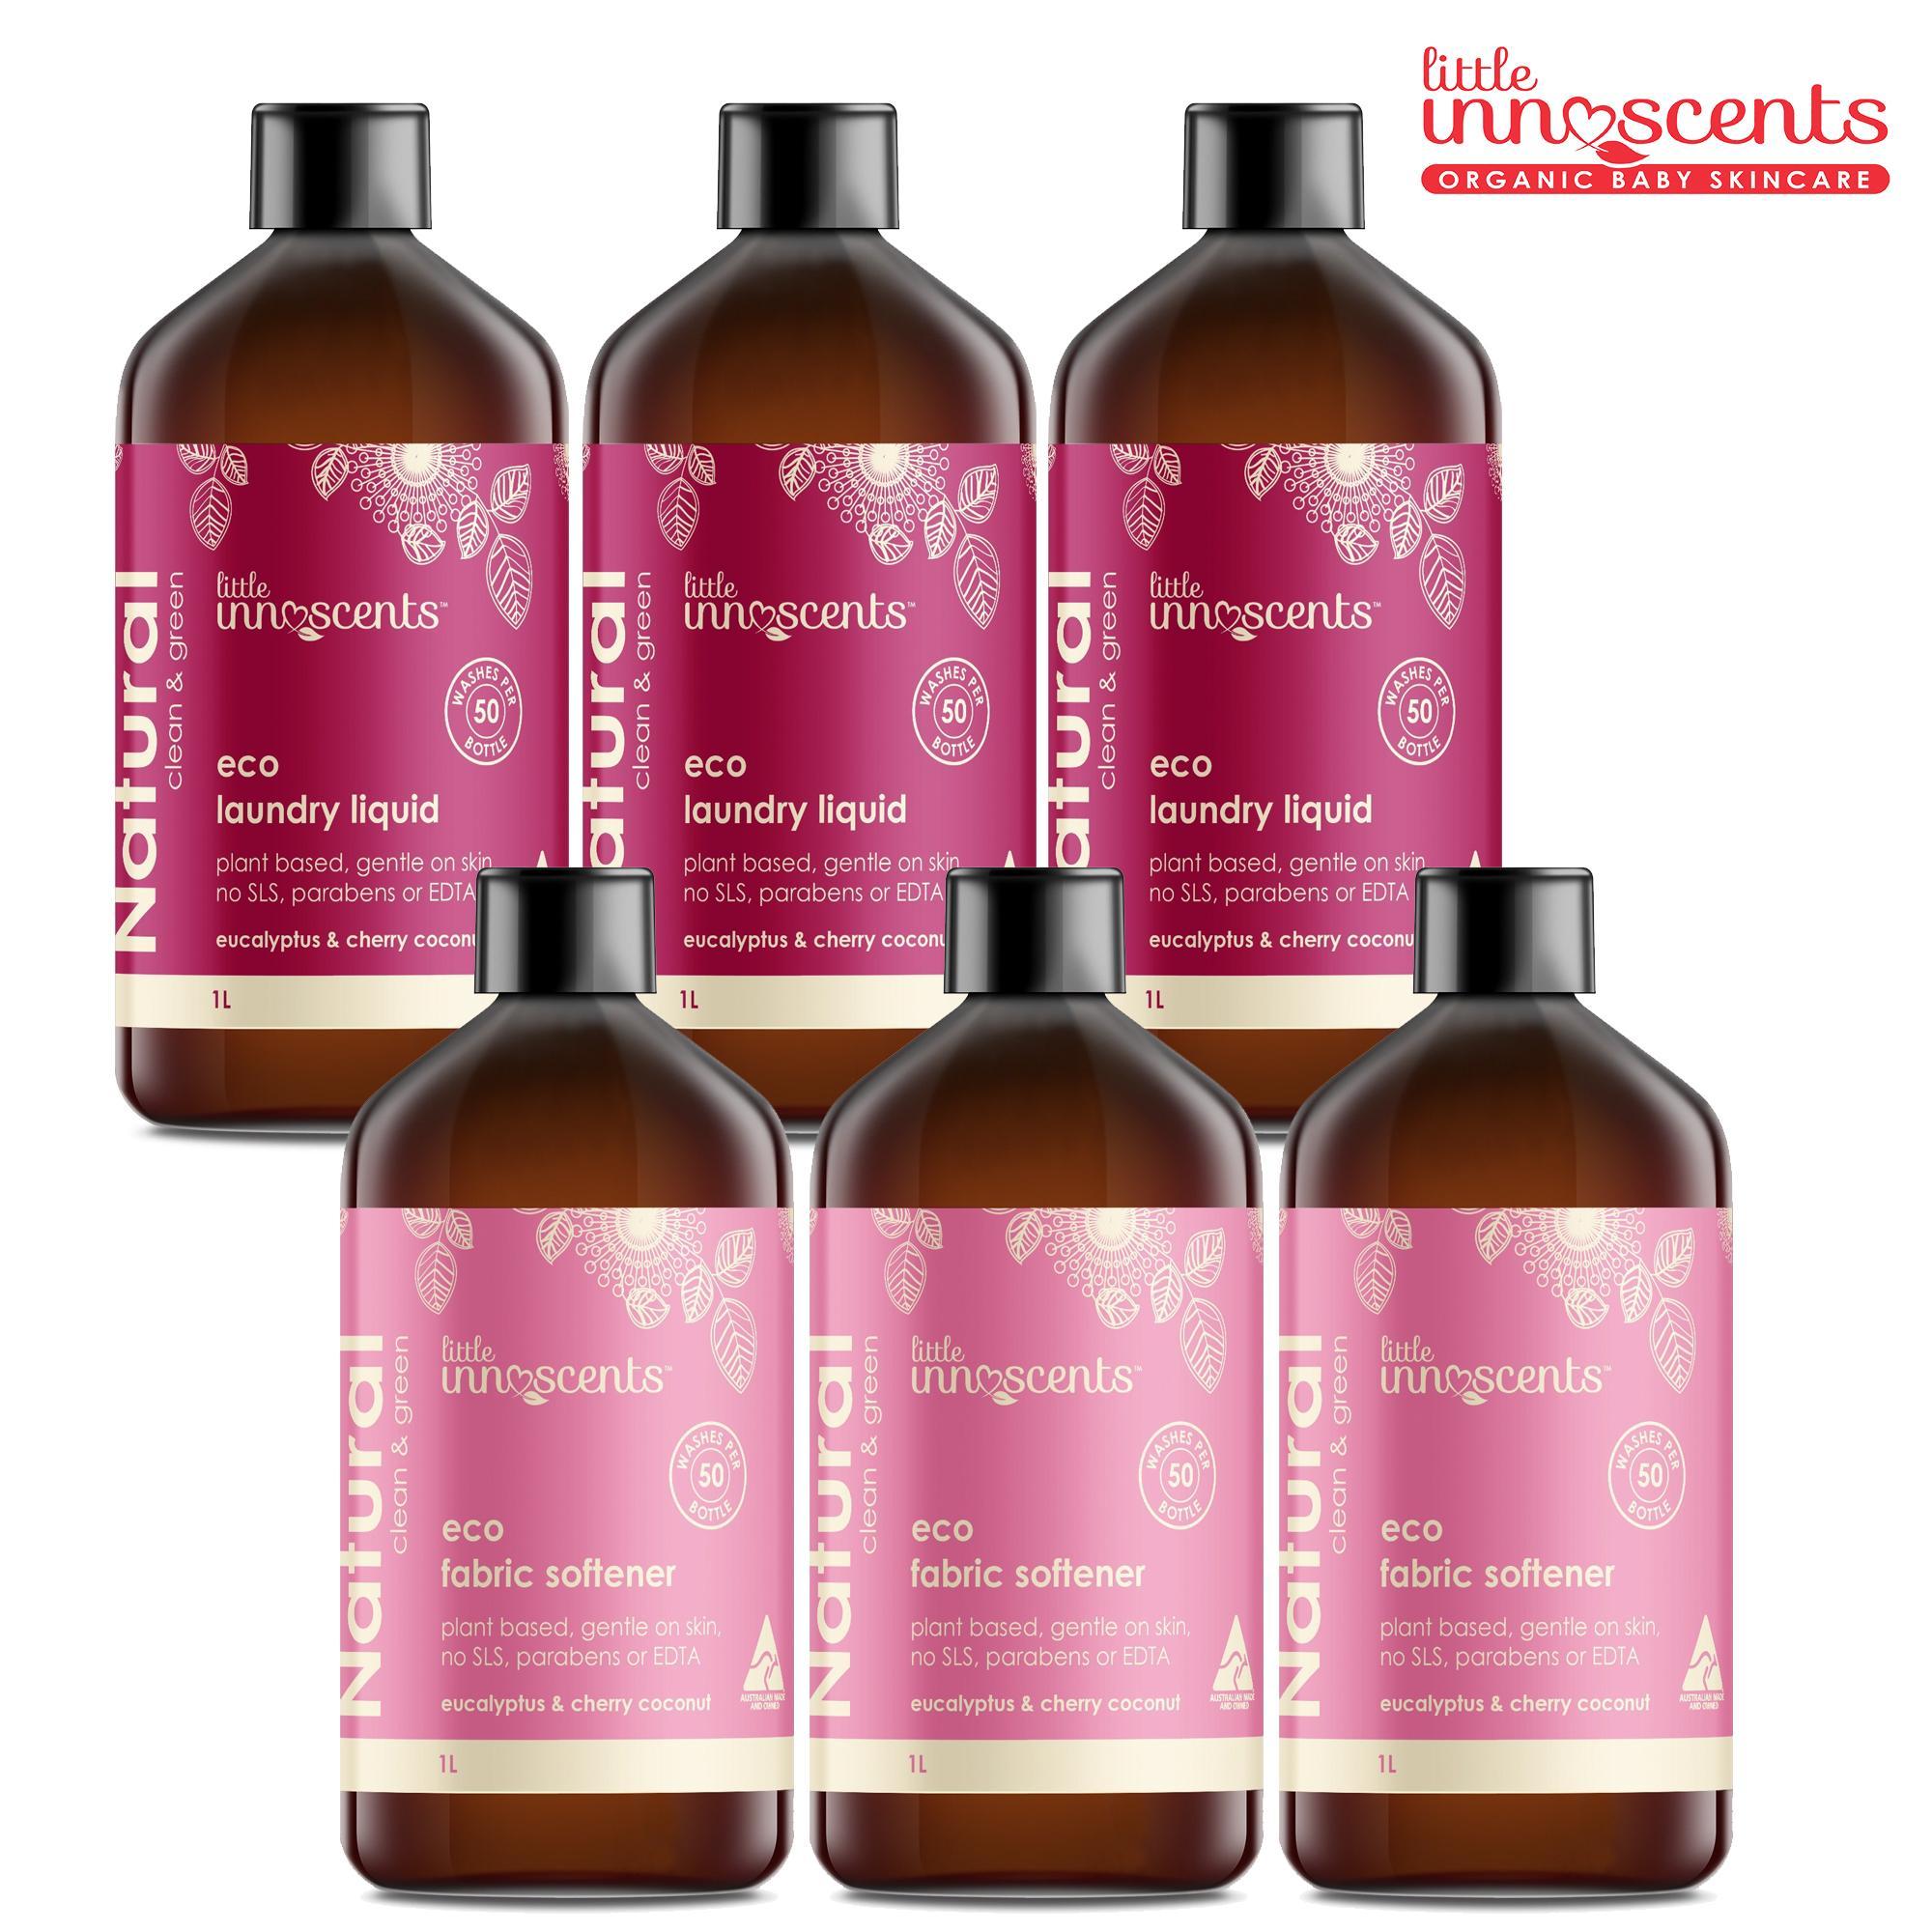 Bộ 6 chai Little Innoscents - Nước giặt & Nước xả vải sinh thái  - Eco Laudry Liquid & Fabric Softener